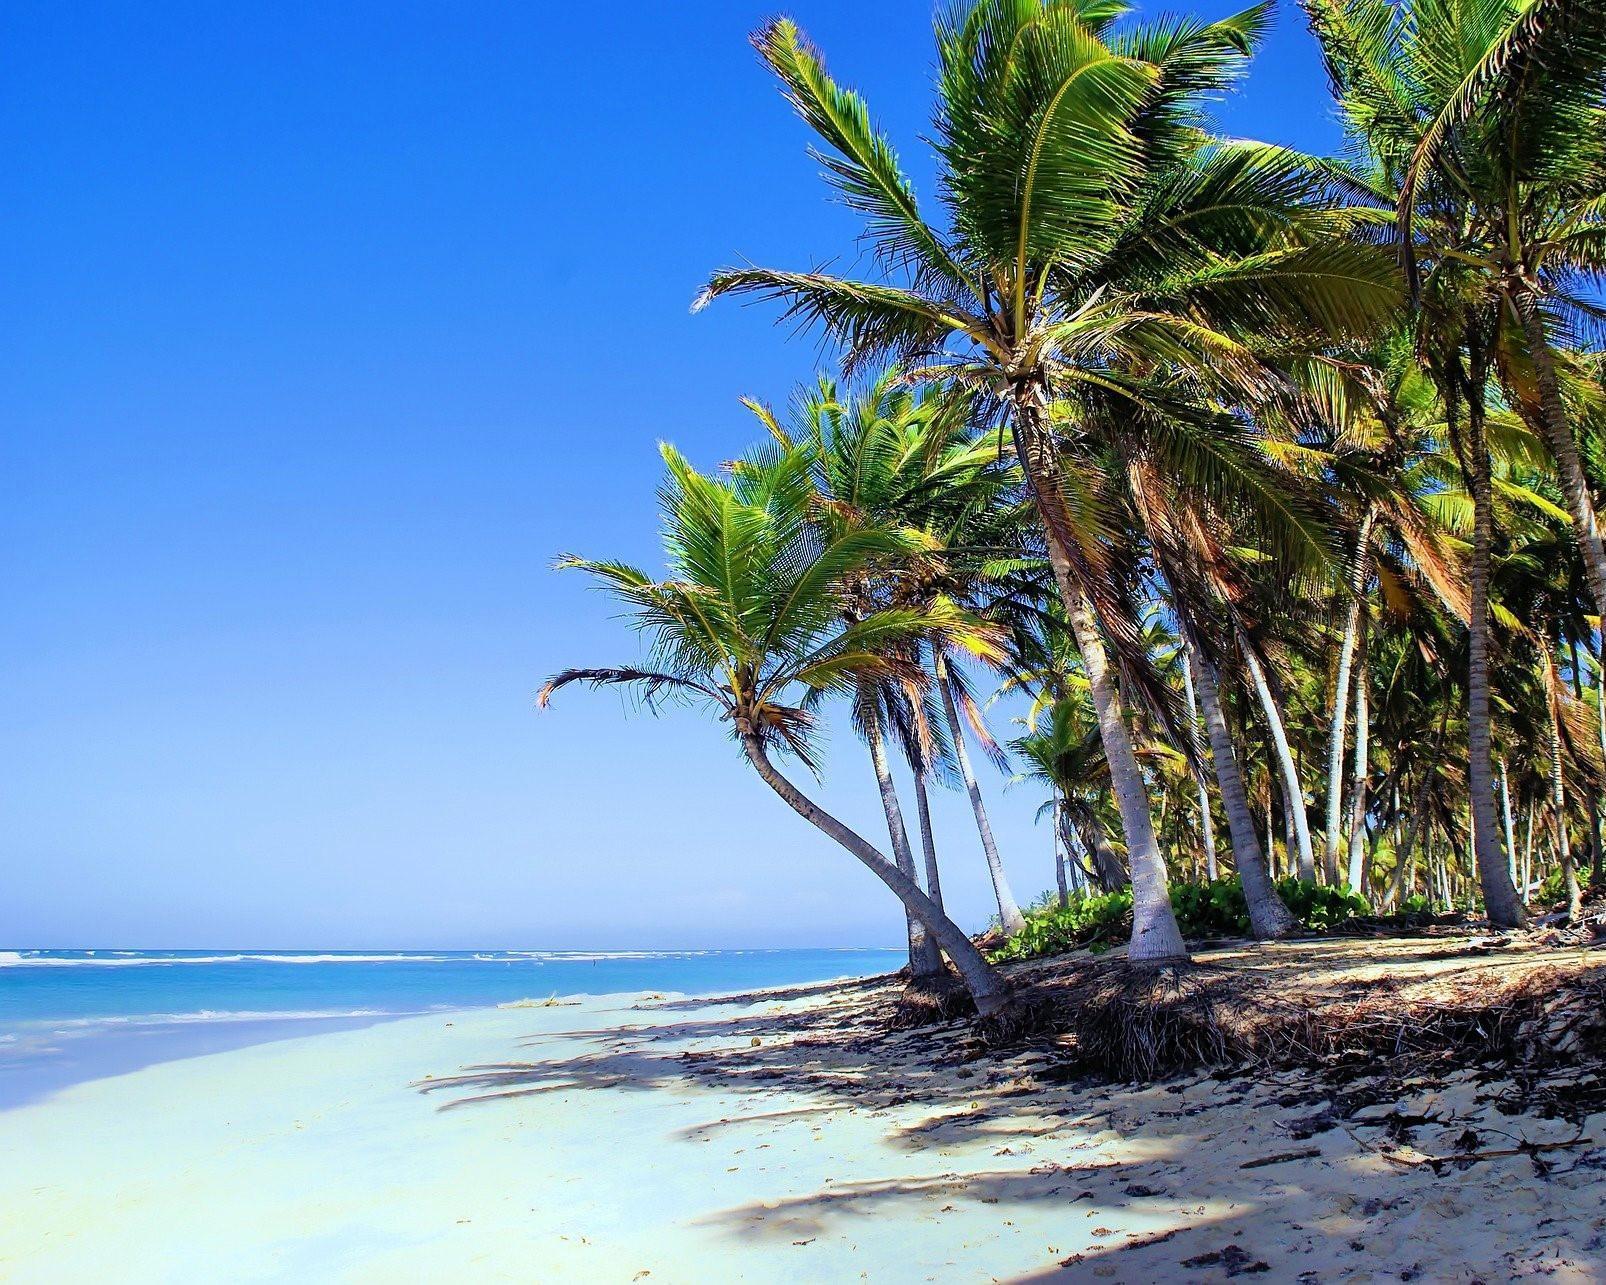 Punta Cana TODO INCLUIDO, 7 noches de hotel de 4 estrellas